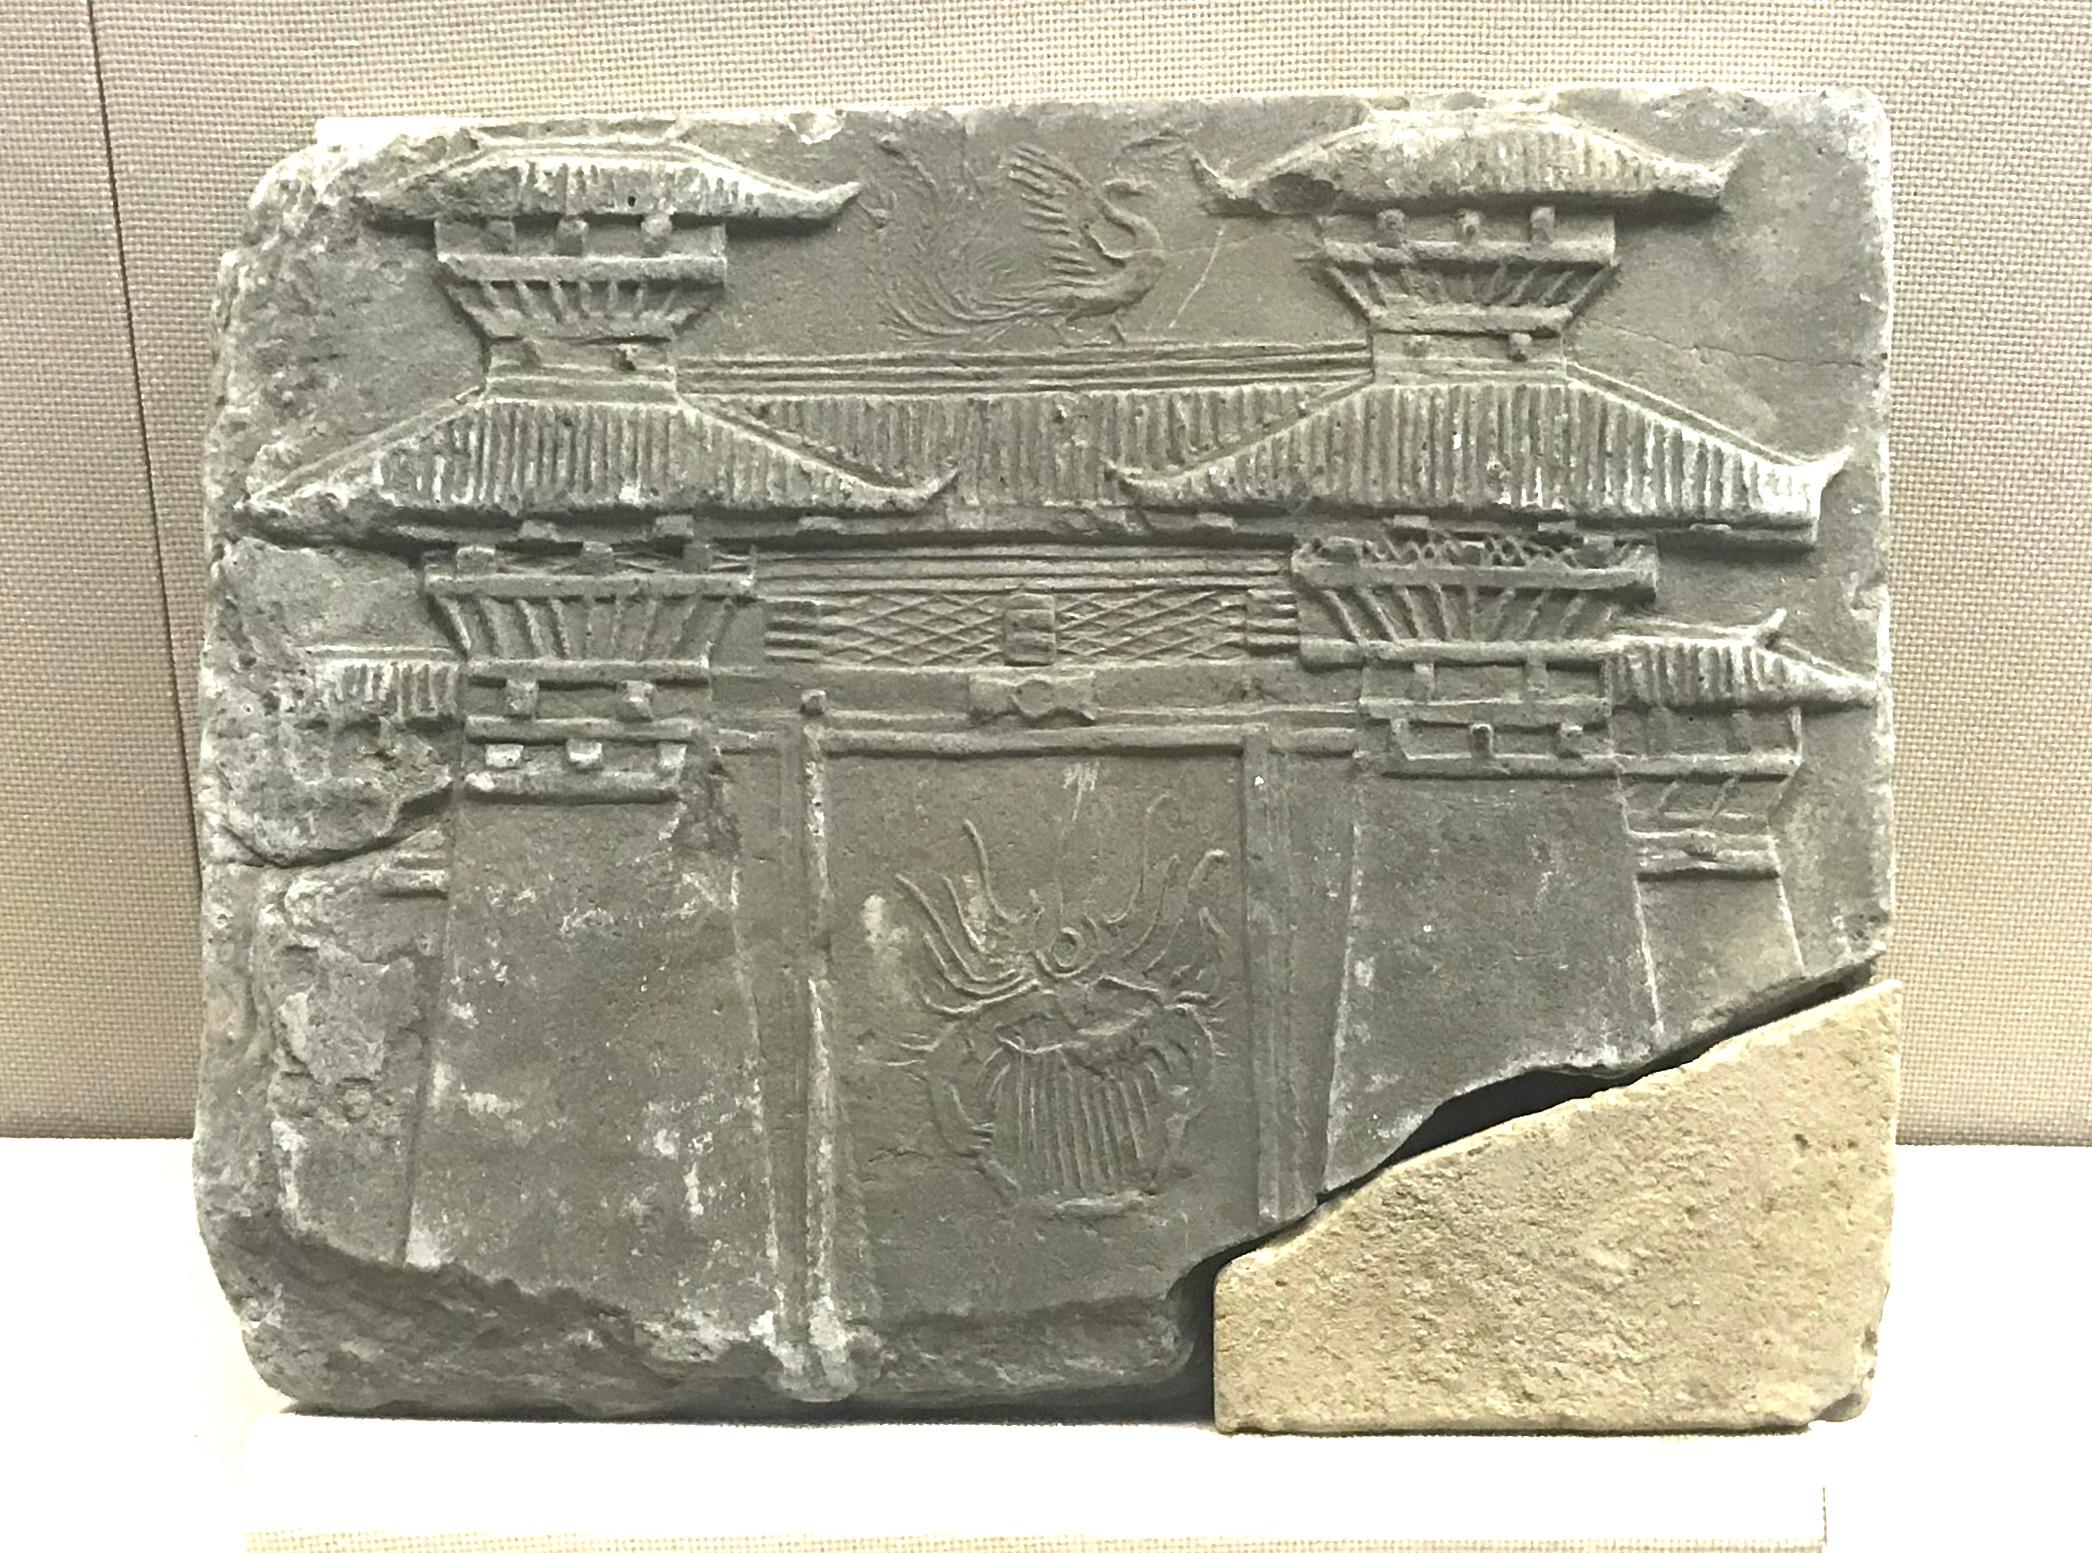 鳳闕-東漢-四川漢代陶石芸術館-四川博物院-成都